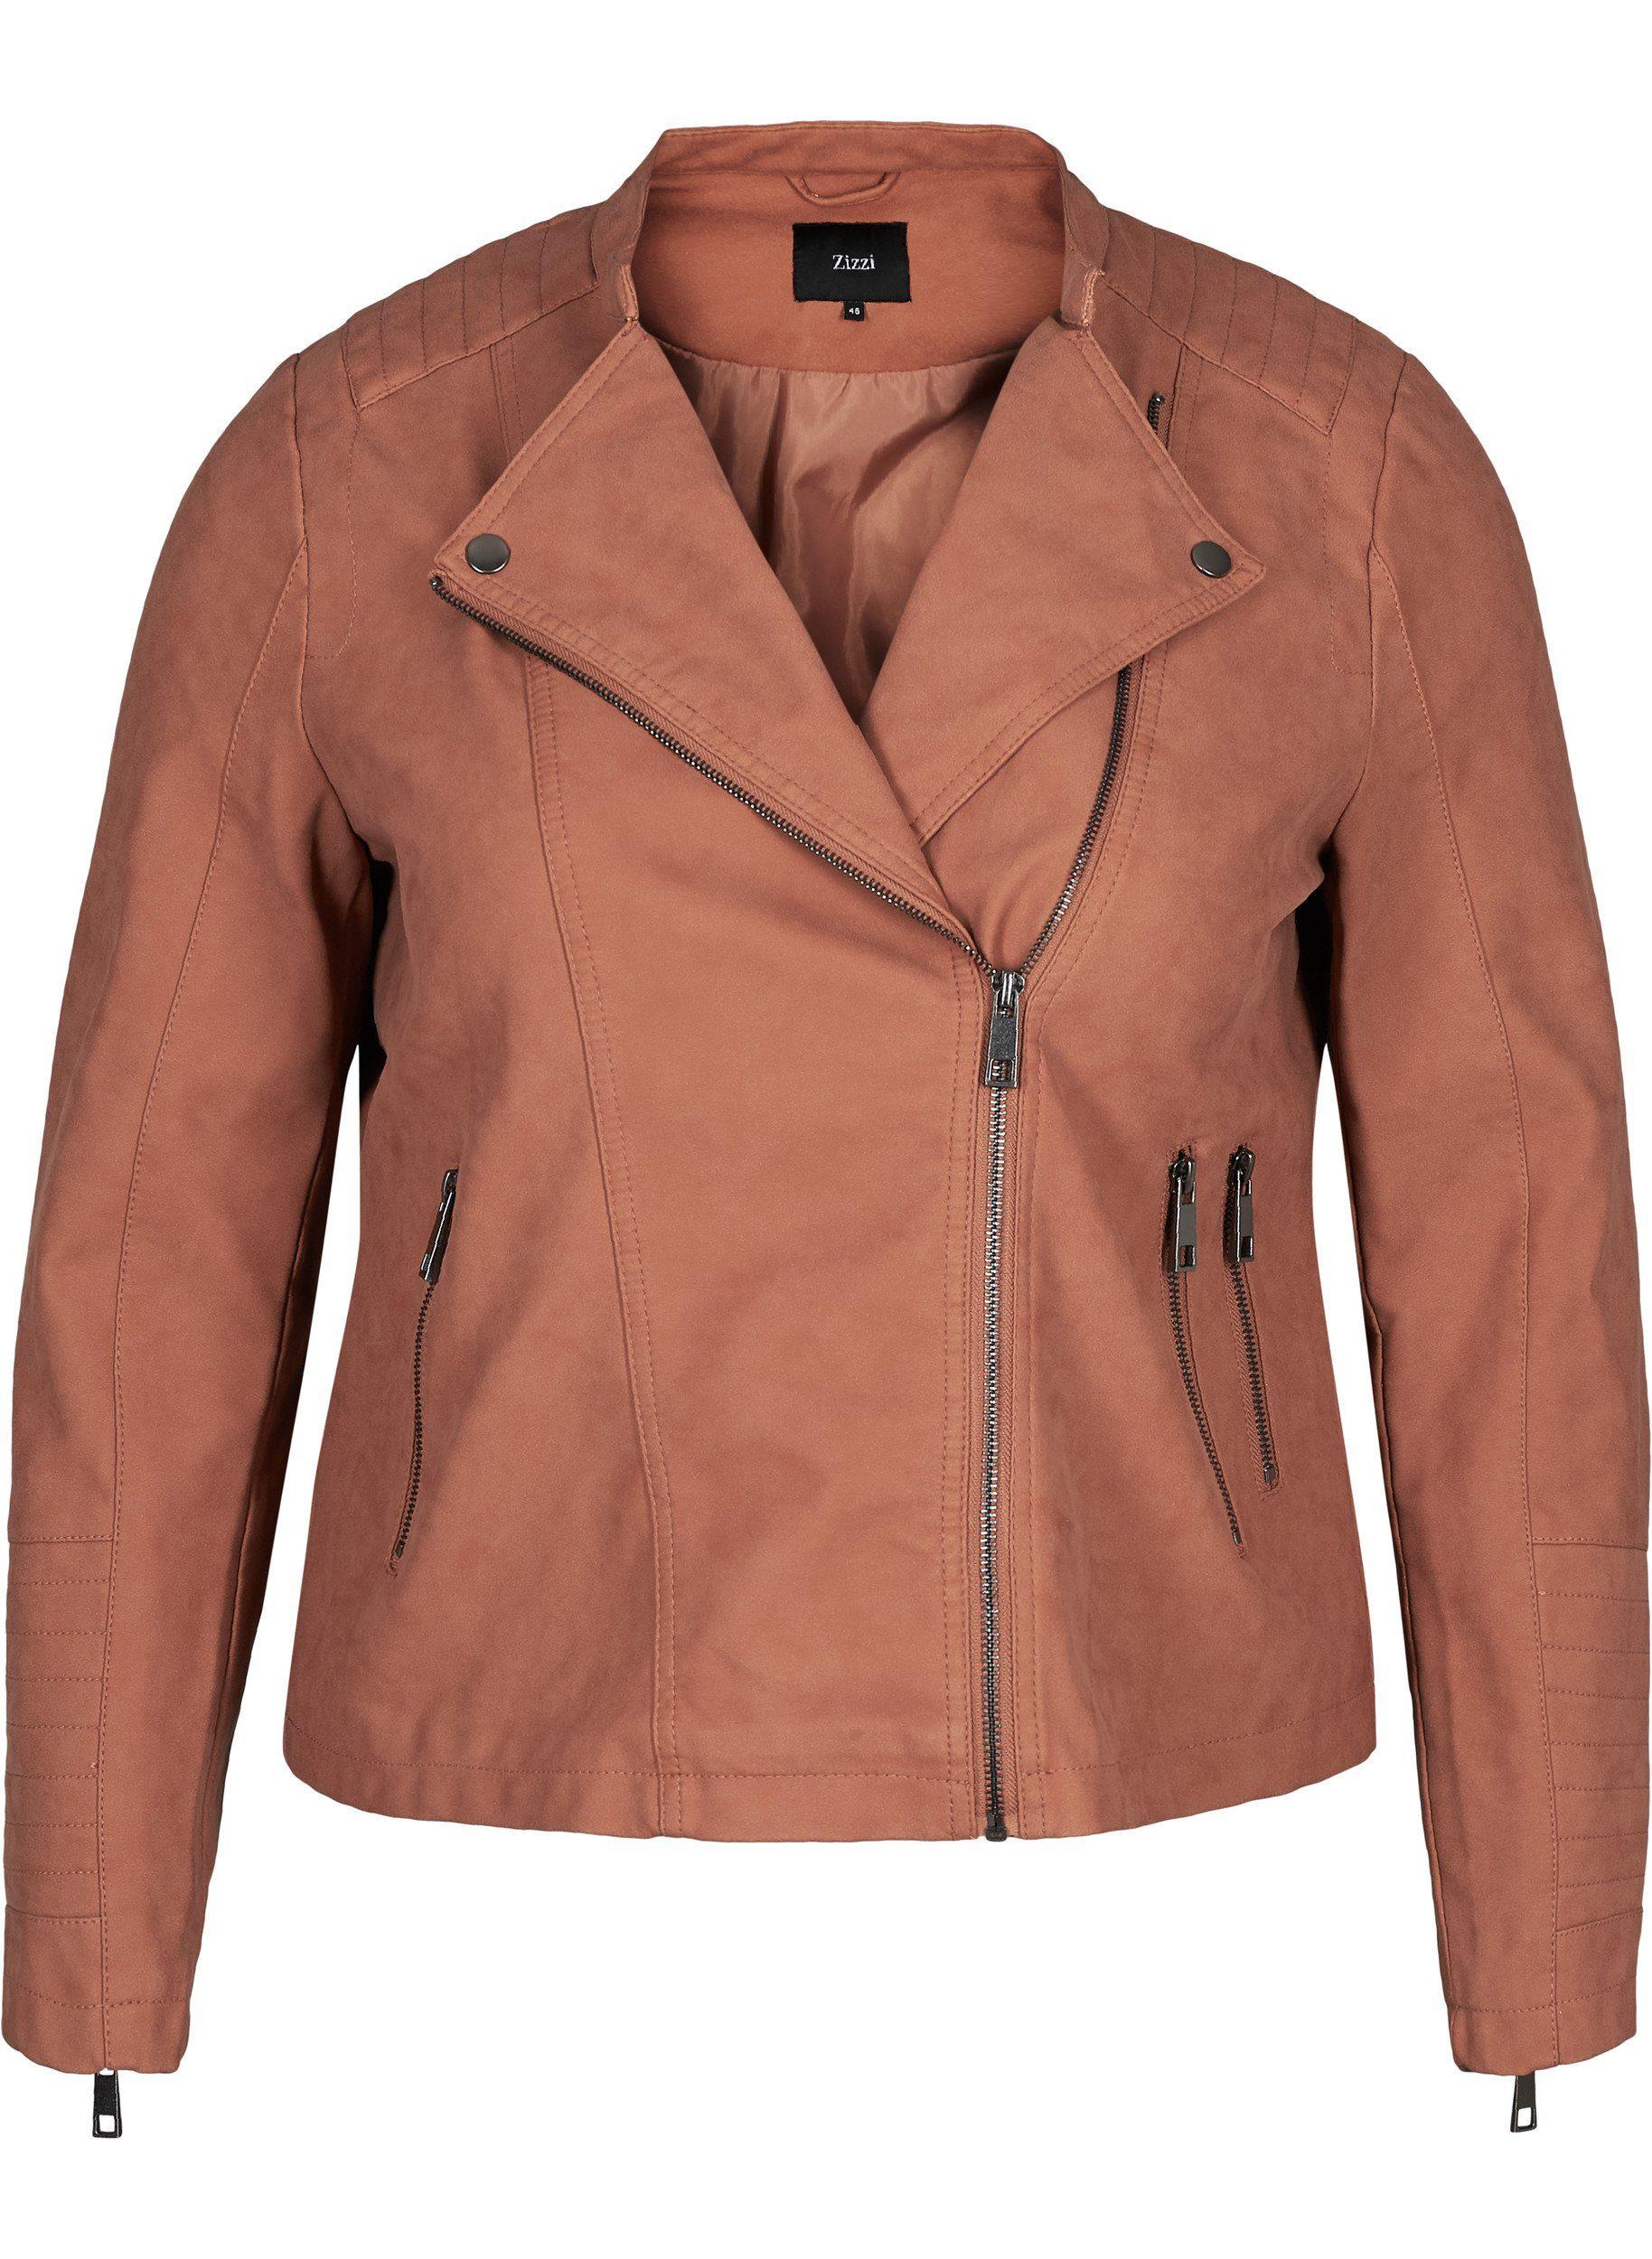 Zizzi Lederimitatjacke Große Größen Damen Jacke aus